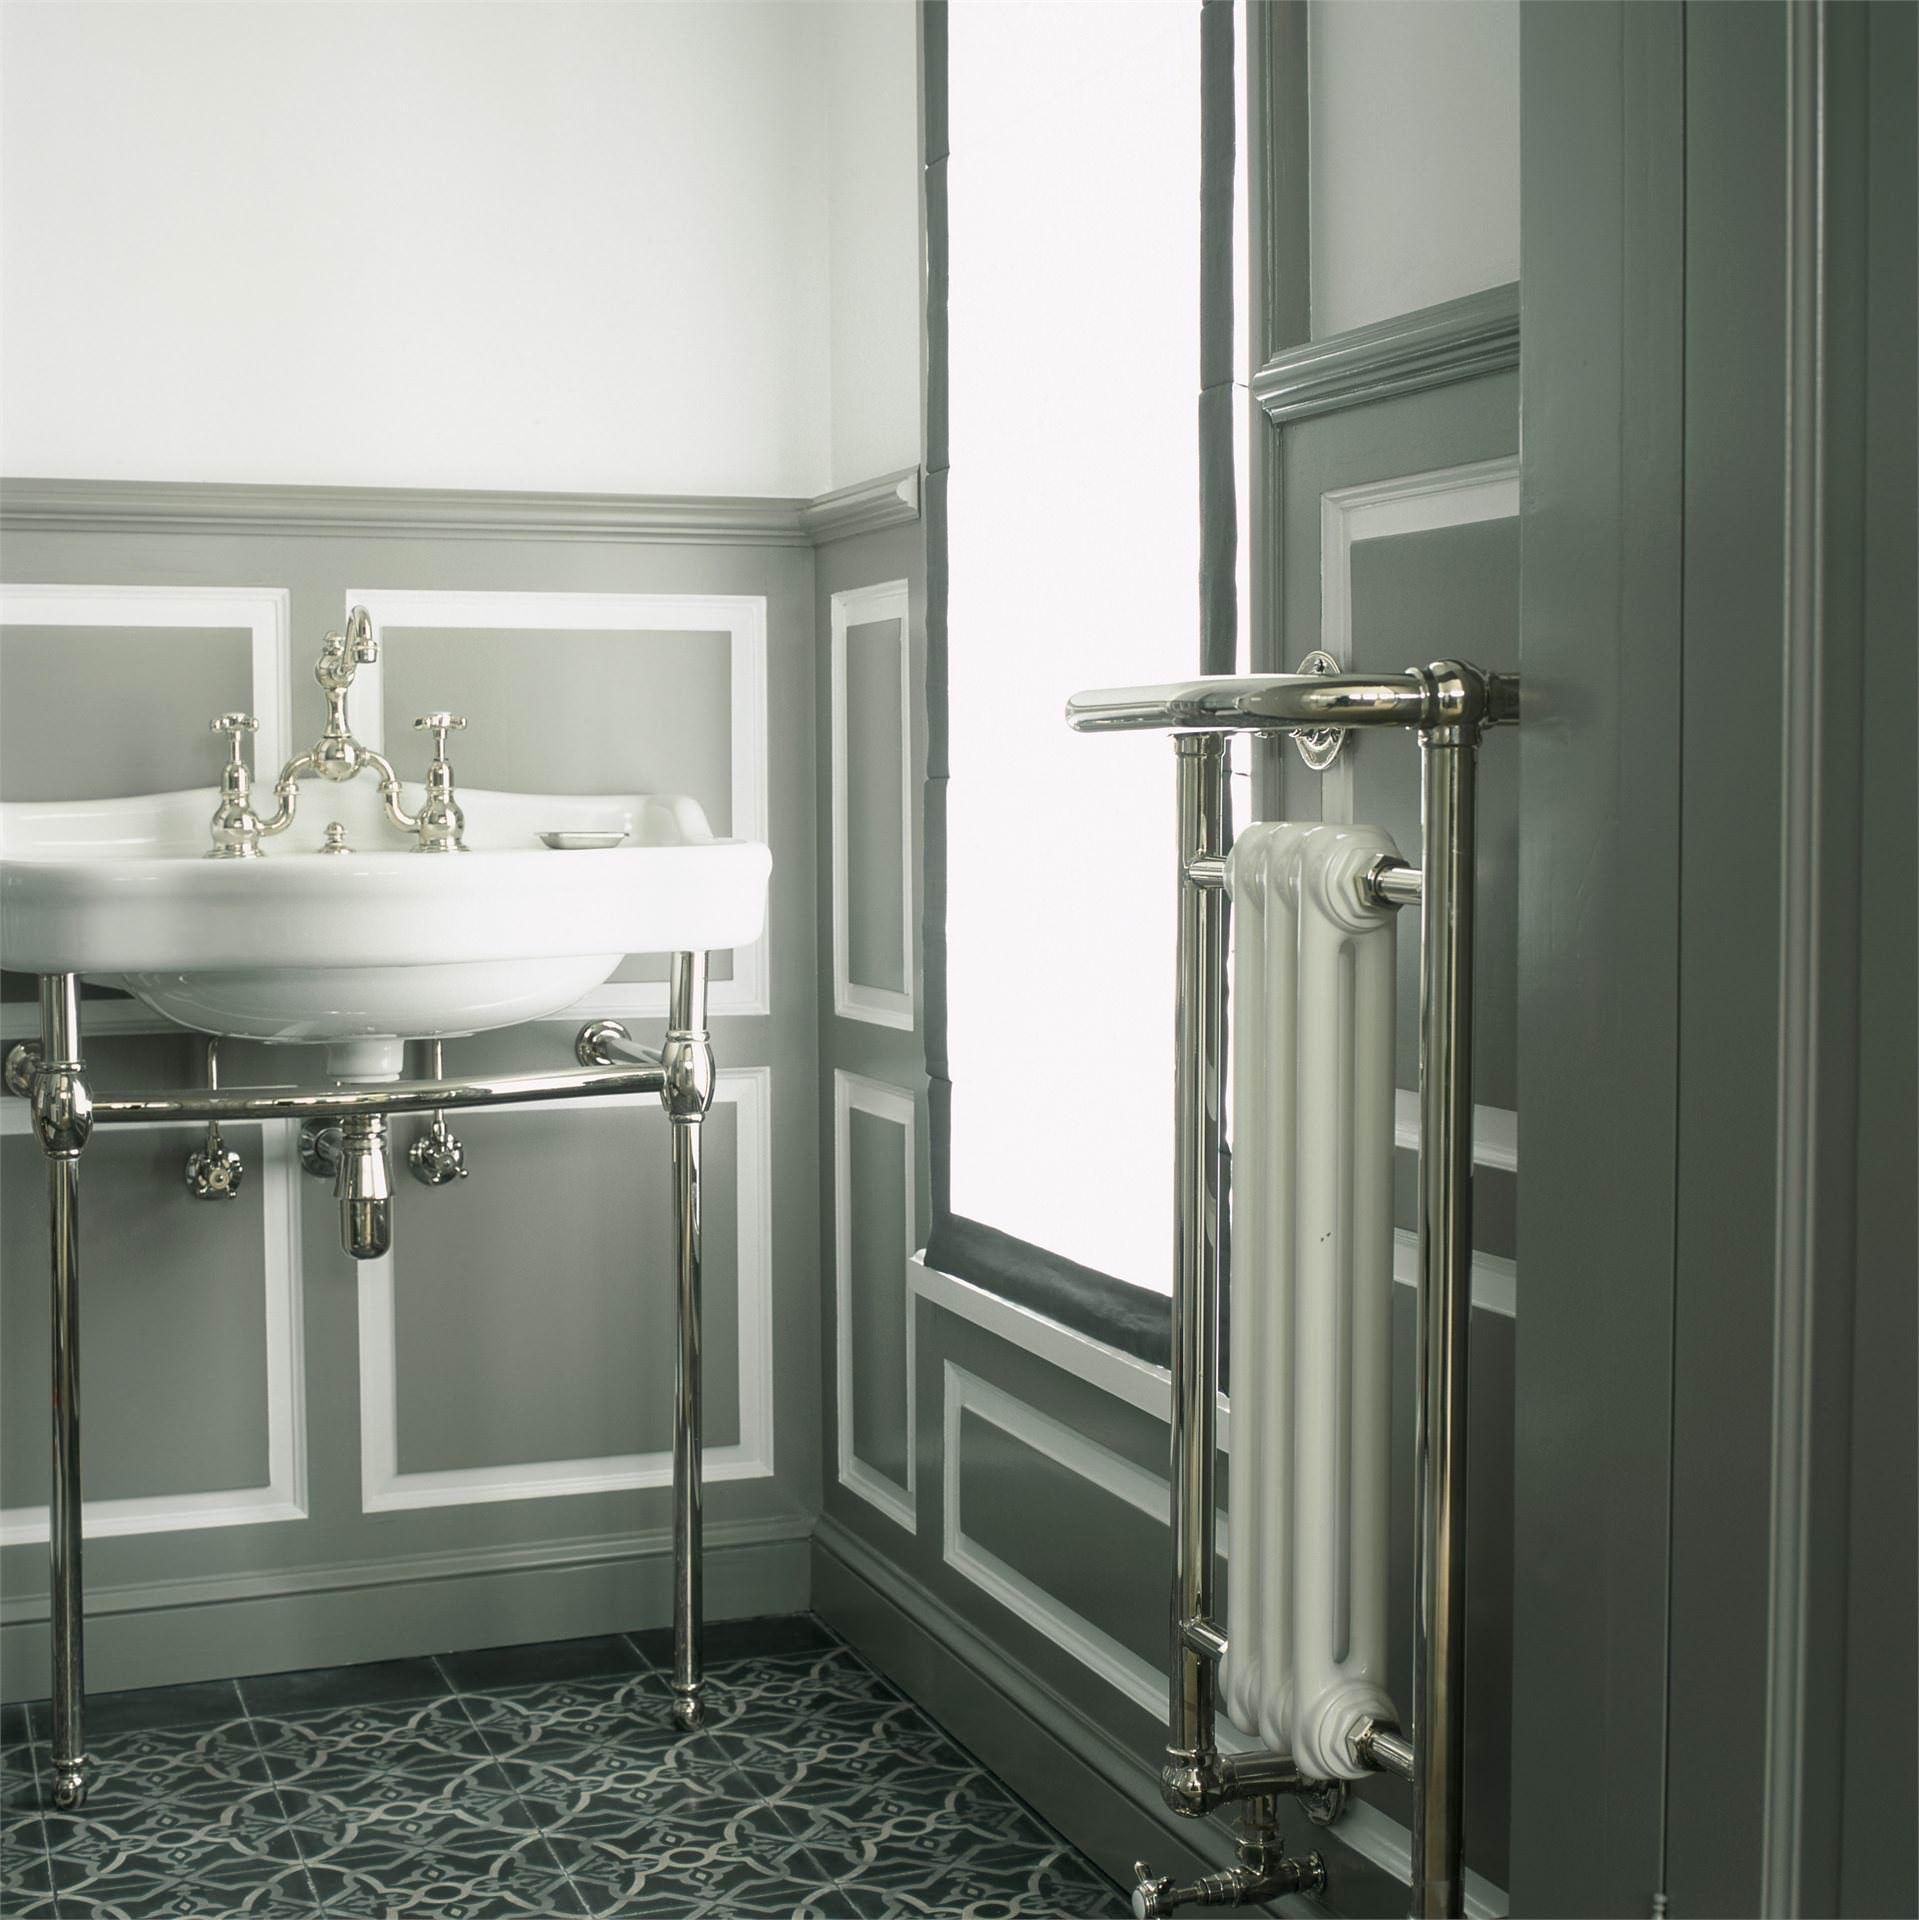 radiateur s che serviette lectrique et lavabo en porcelaine sur console c chauffage. Black Bedroom Furniture Sets. Home Design Ideas